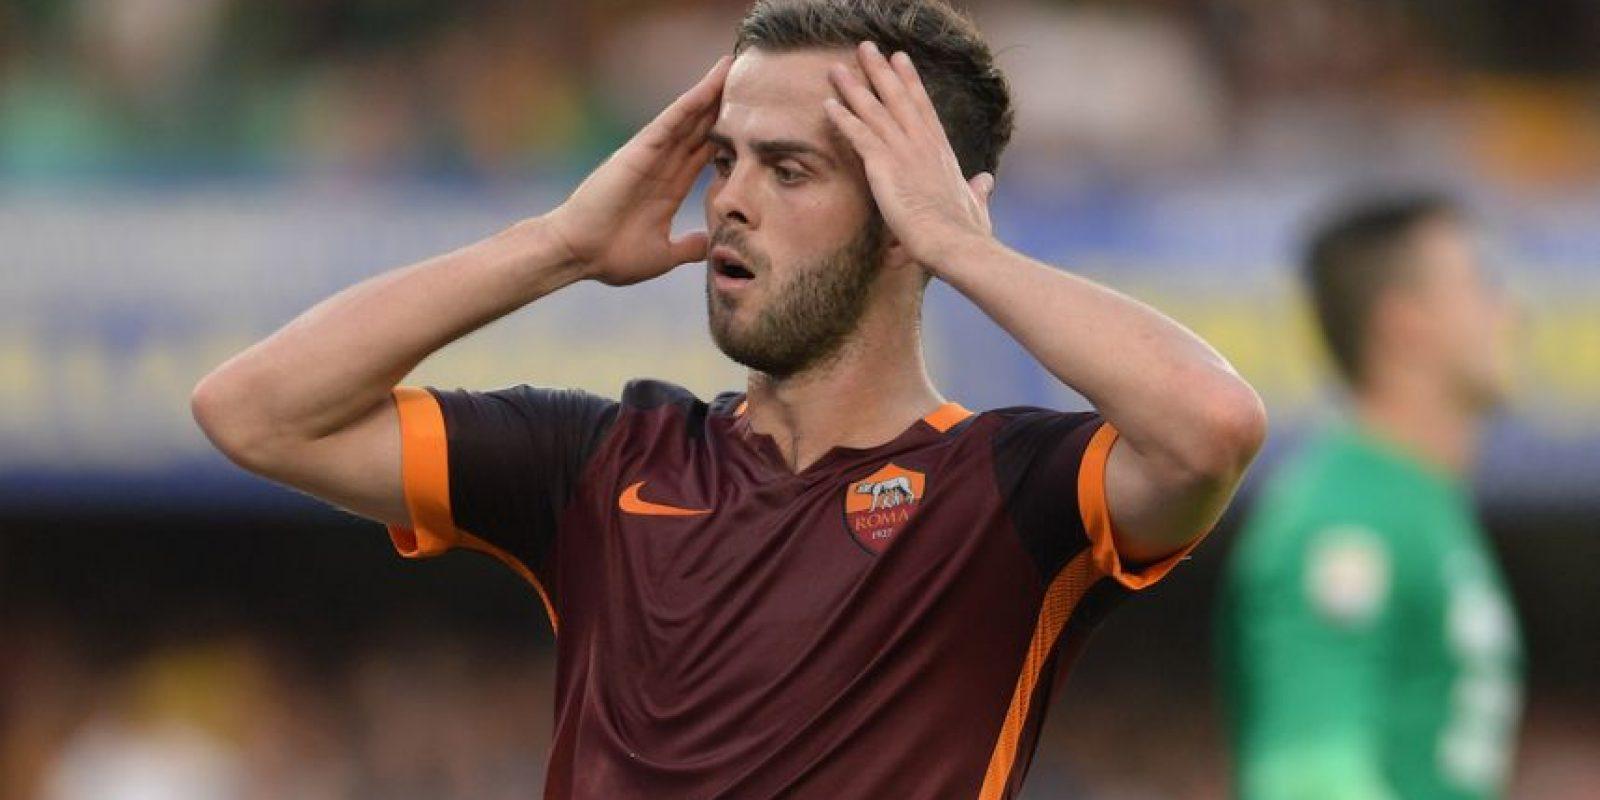 El bosnio juega actualmente en la Roma de Italia. Foto:Getty Images